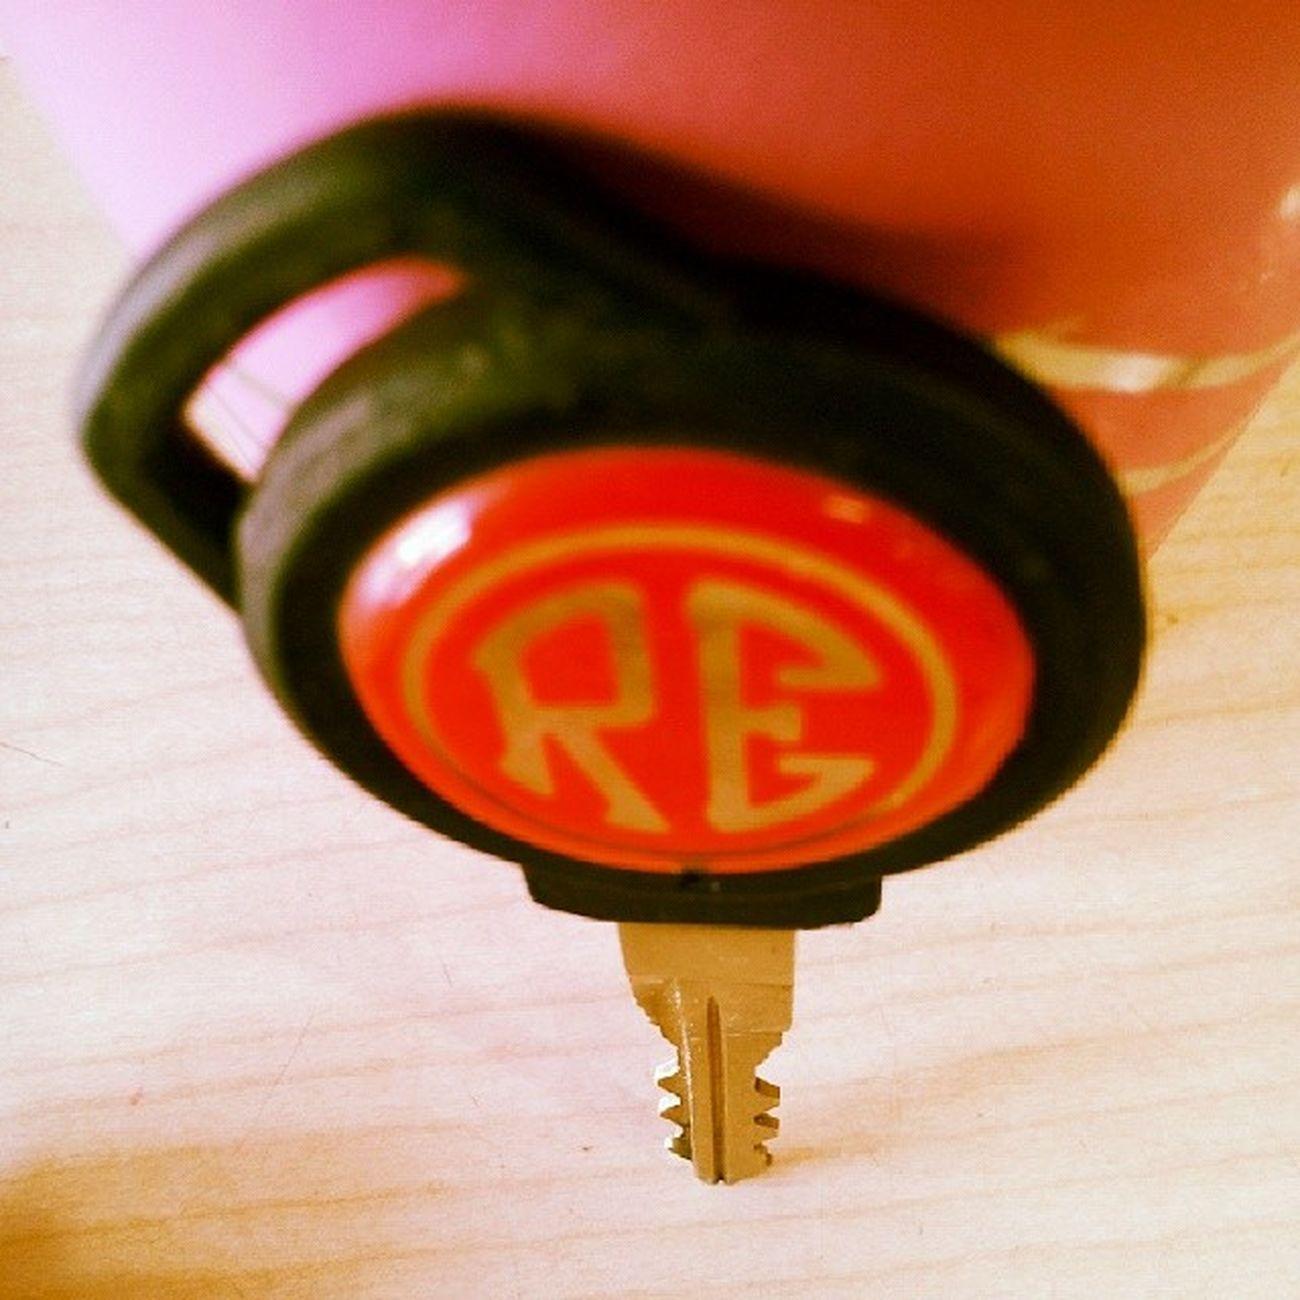 Royal Enfield Continentalgt Key